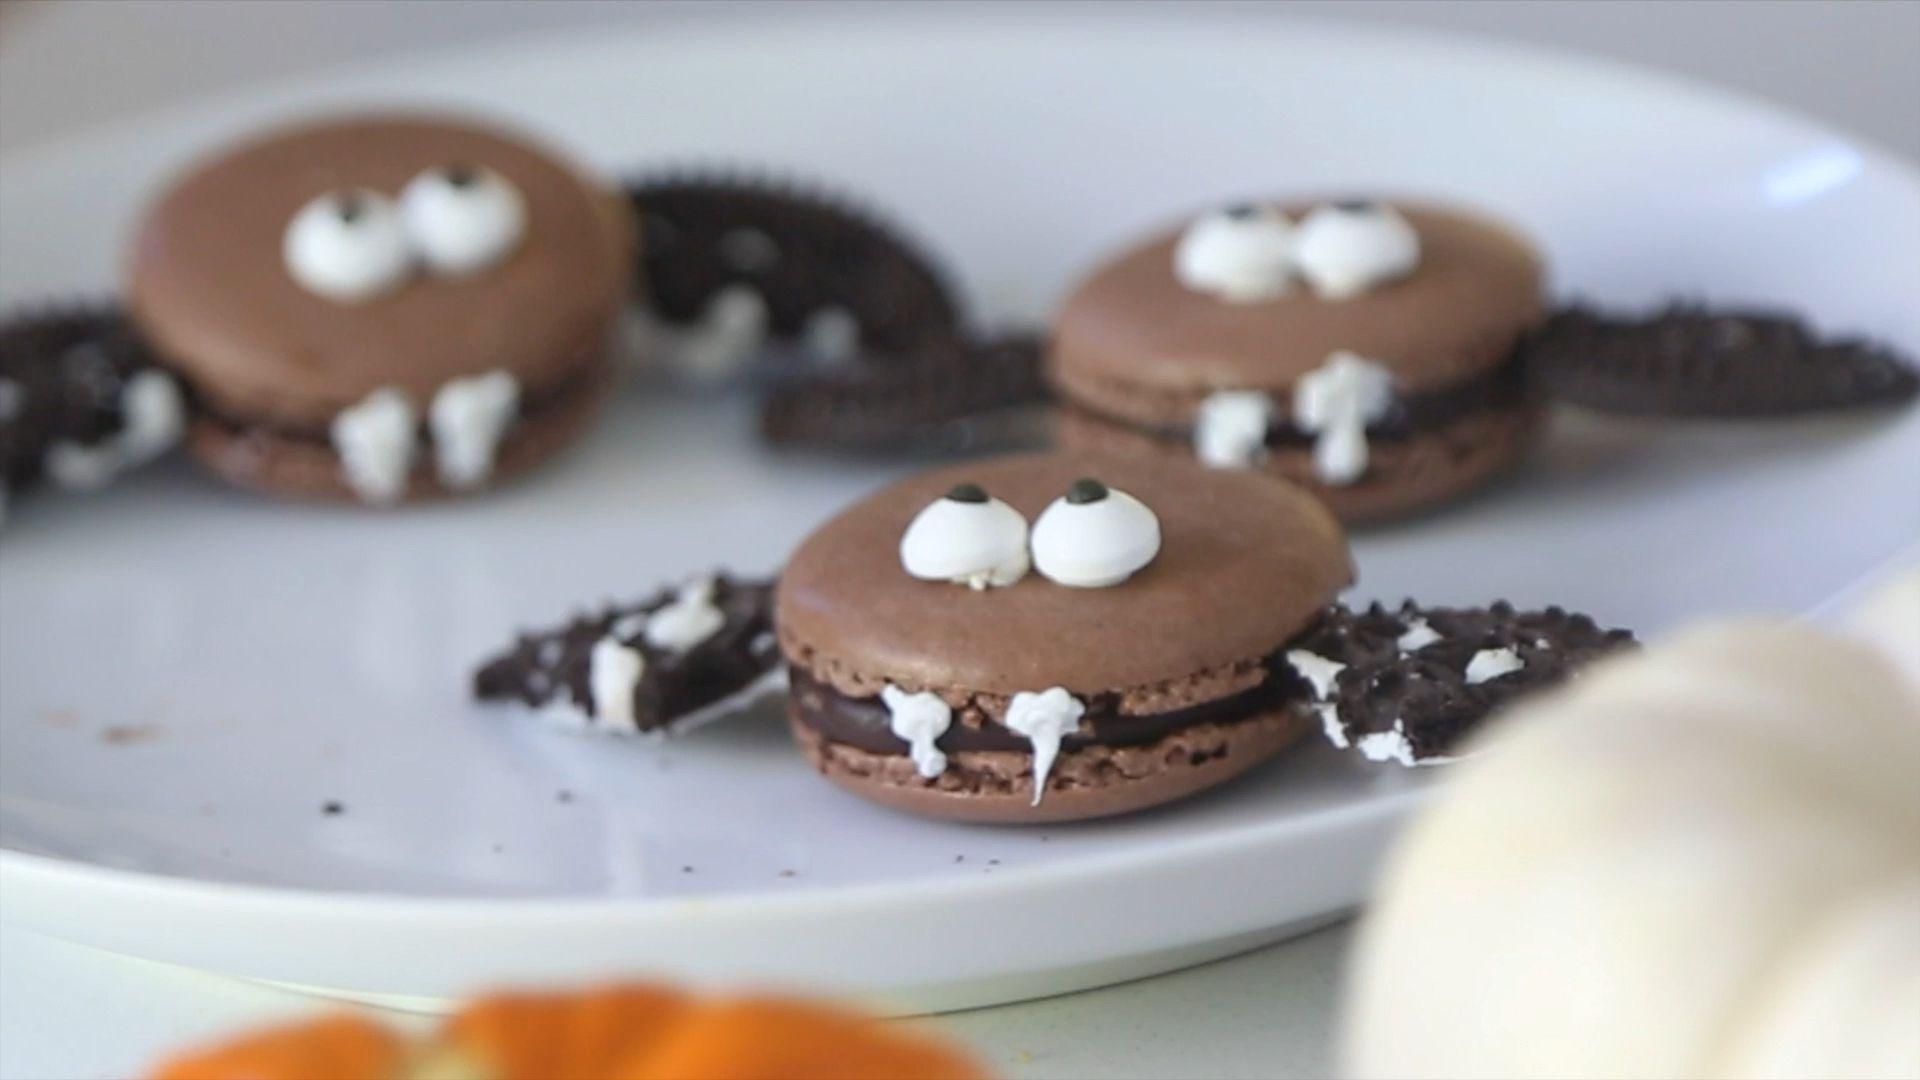 Halloween Macarons-Bats #halloweenmacarons DIY Bat Macarons